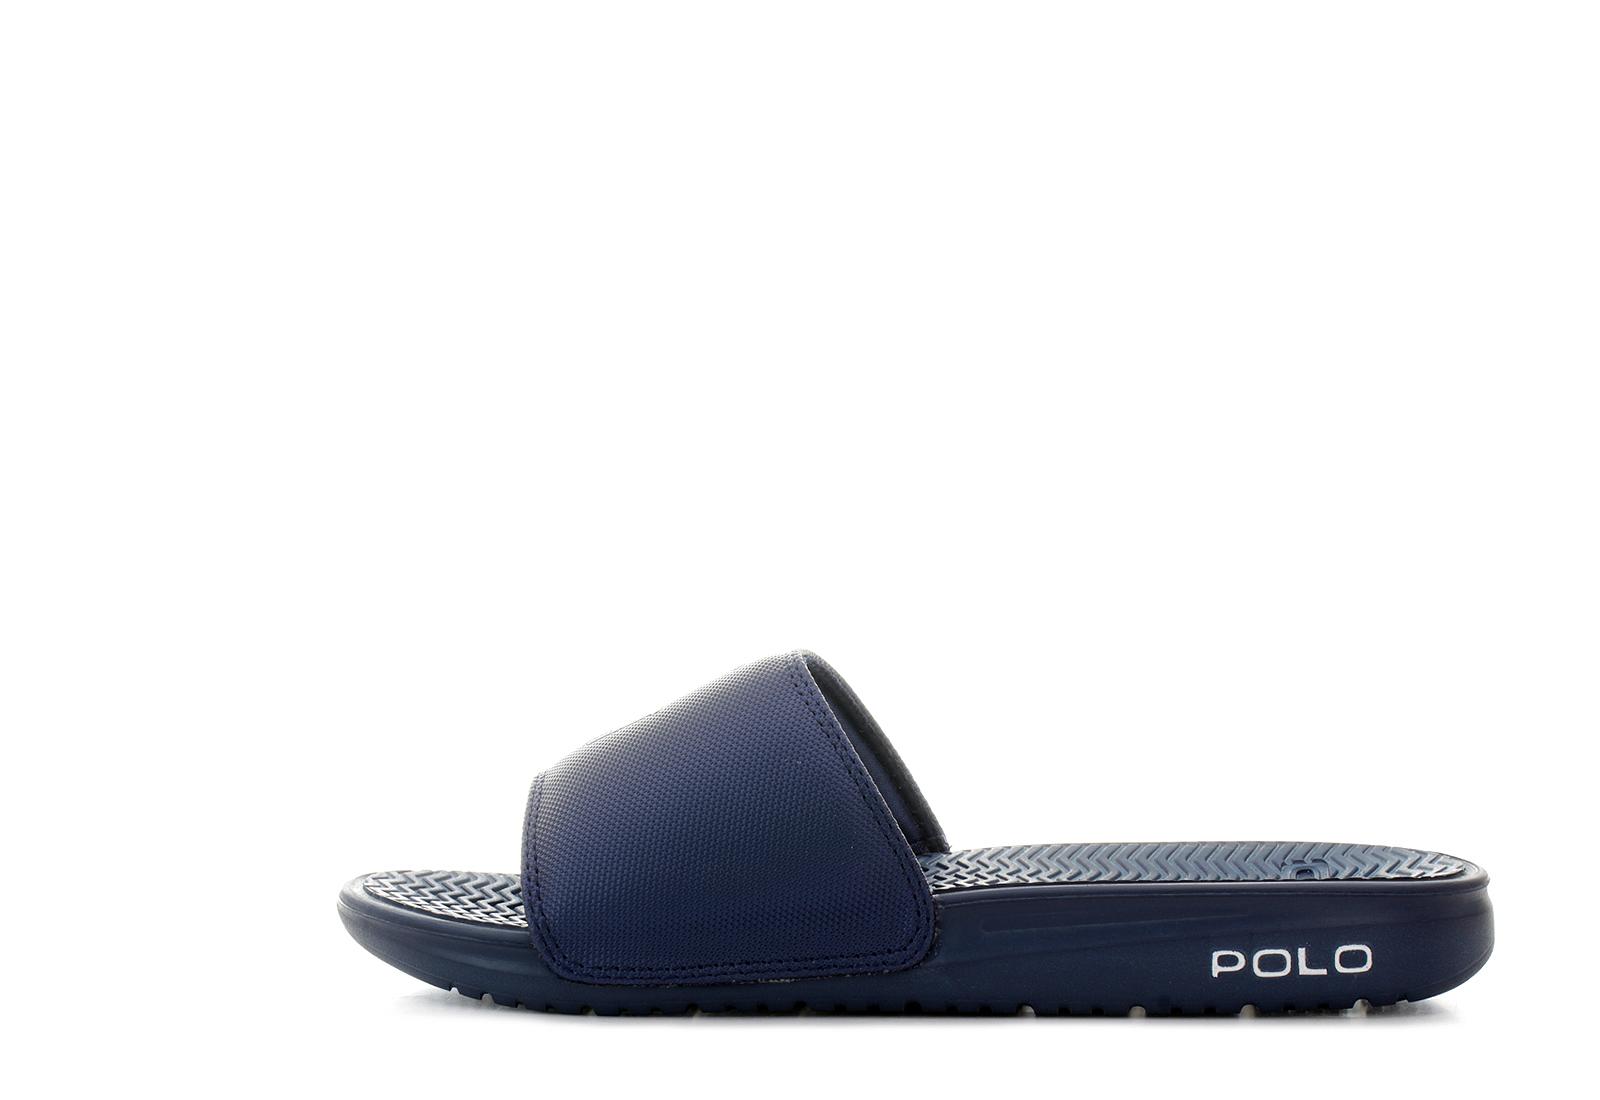 Polo Ralph Lauren Papucs - Rodwell - 816671827004 - Office Shoes ... 45e6d47c96